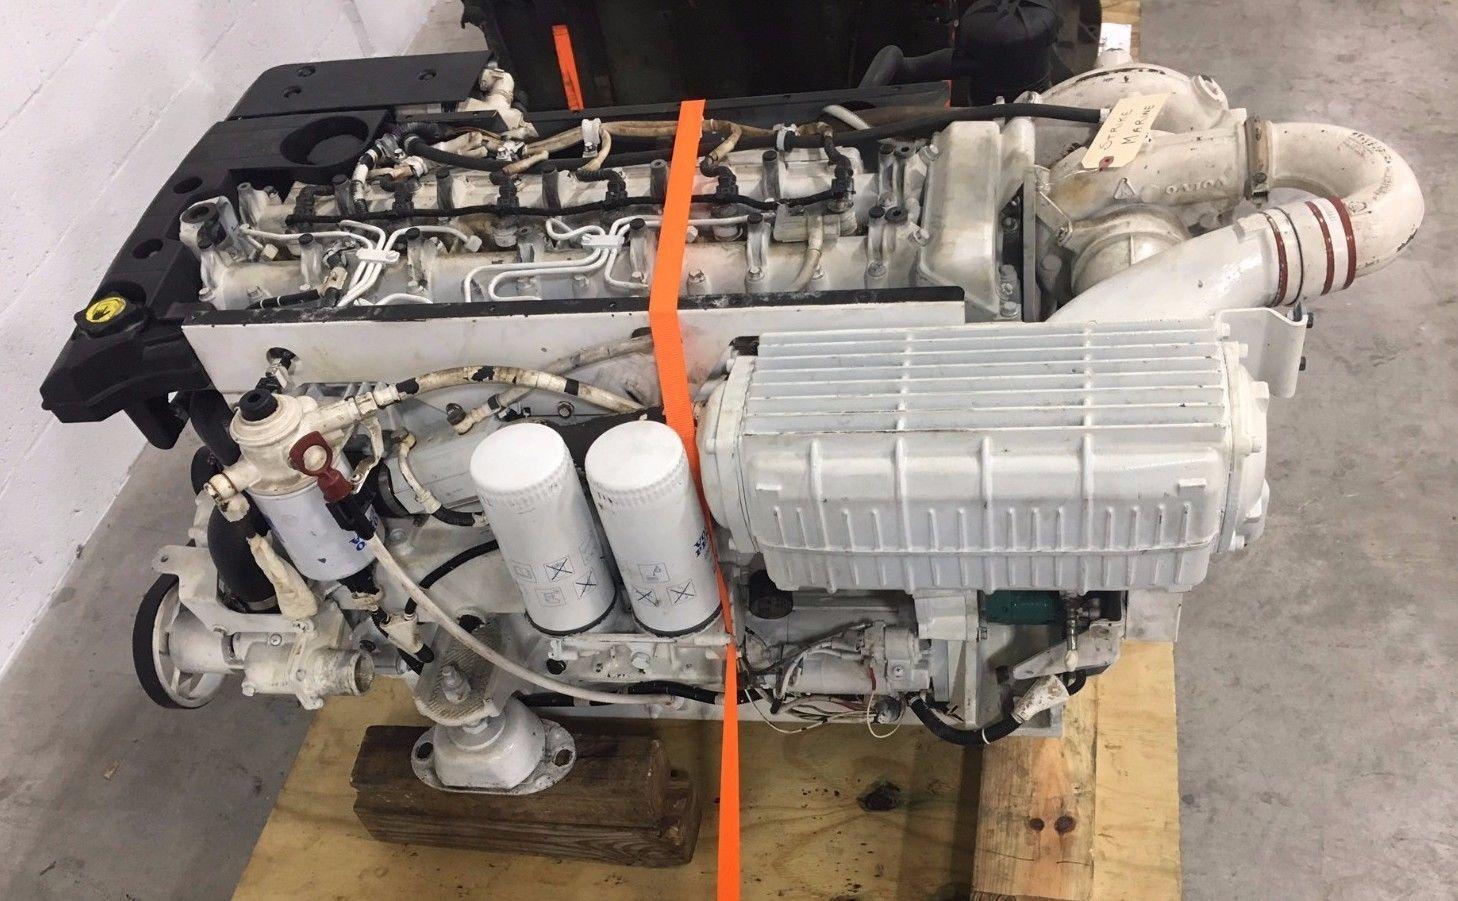 VOLVO-D6 Volvo Marine Engines reman